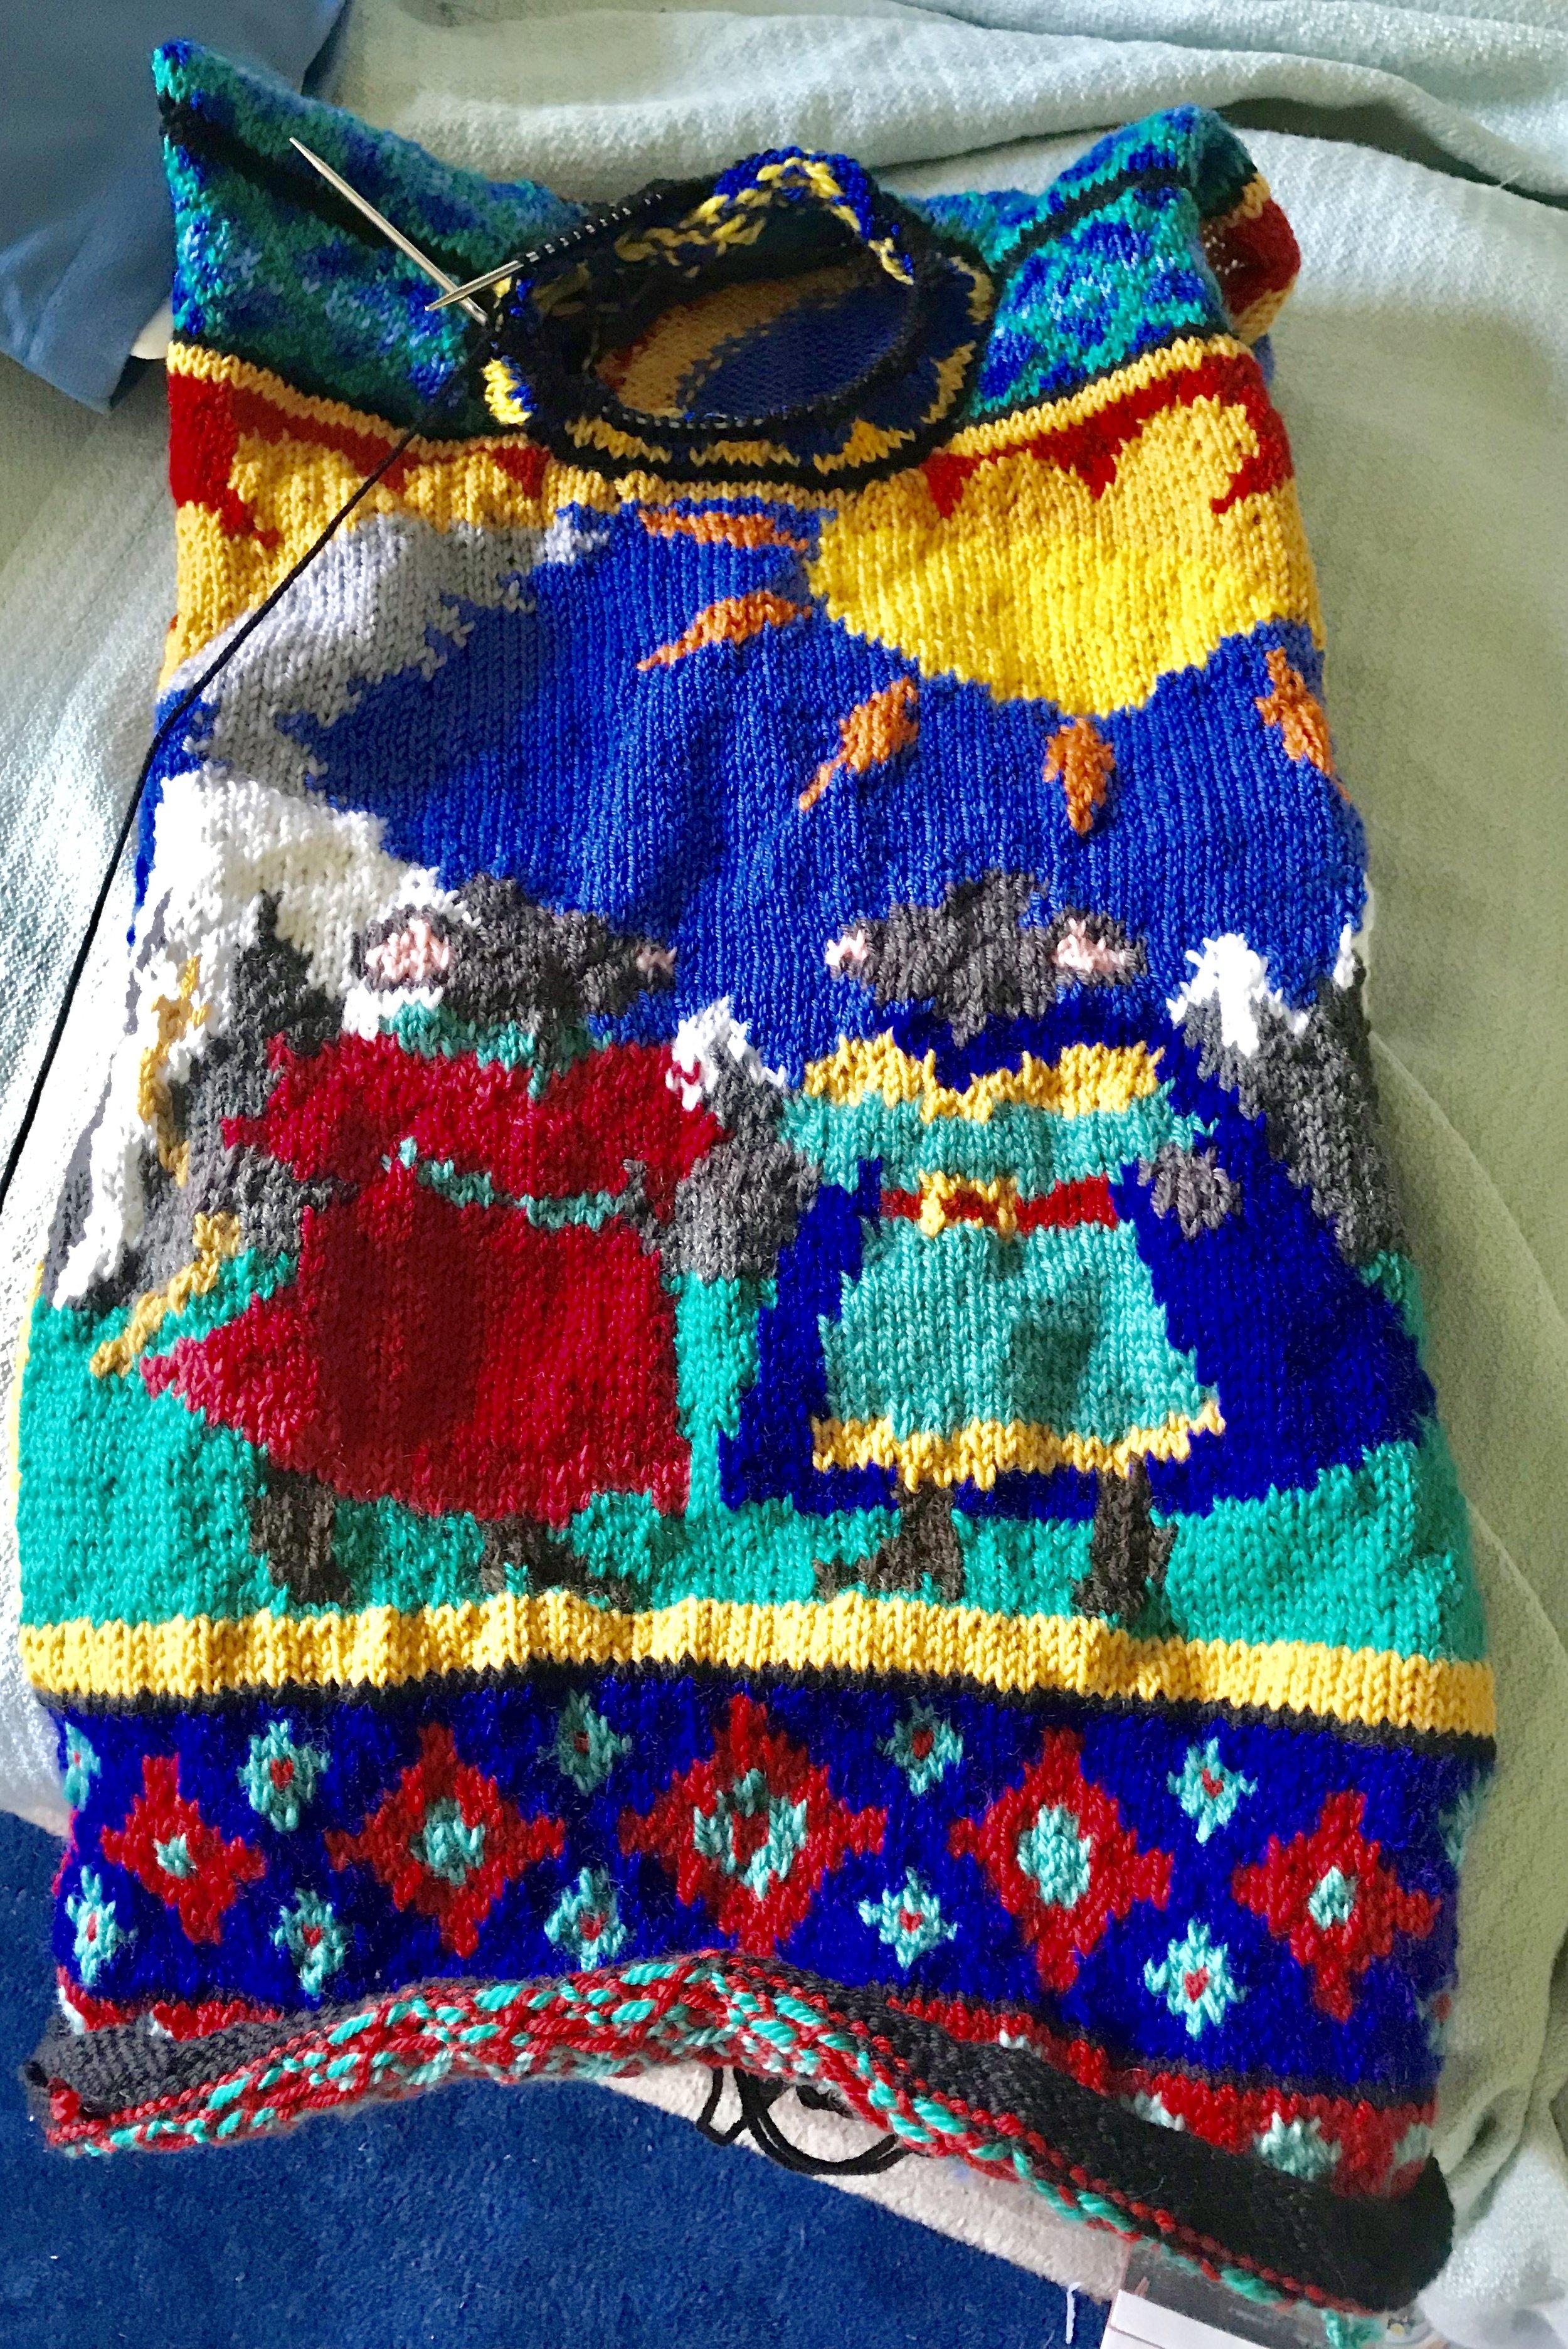 Redwall sweater in progress.